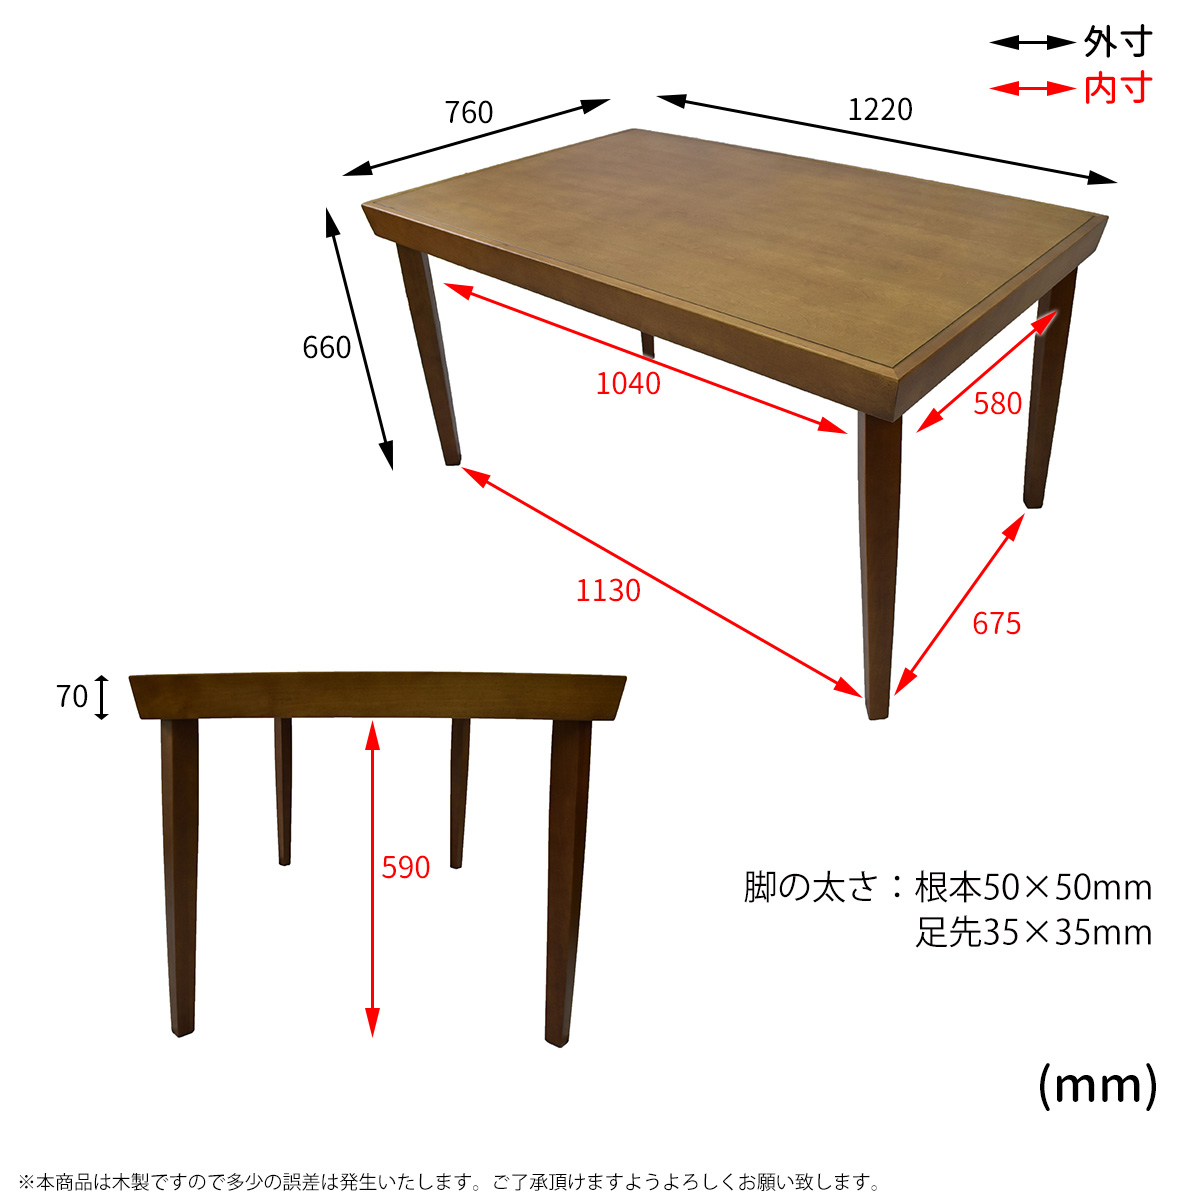 JEM ダイニングテーブル